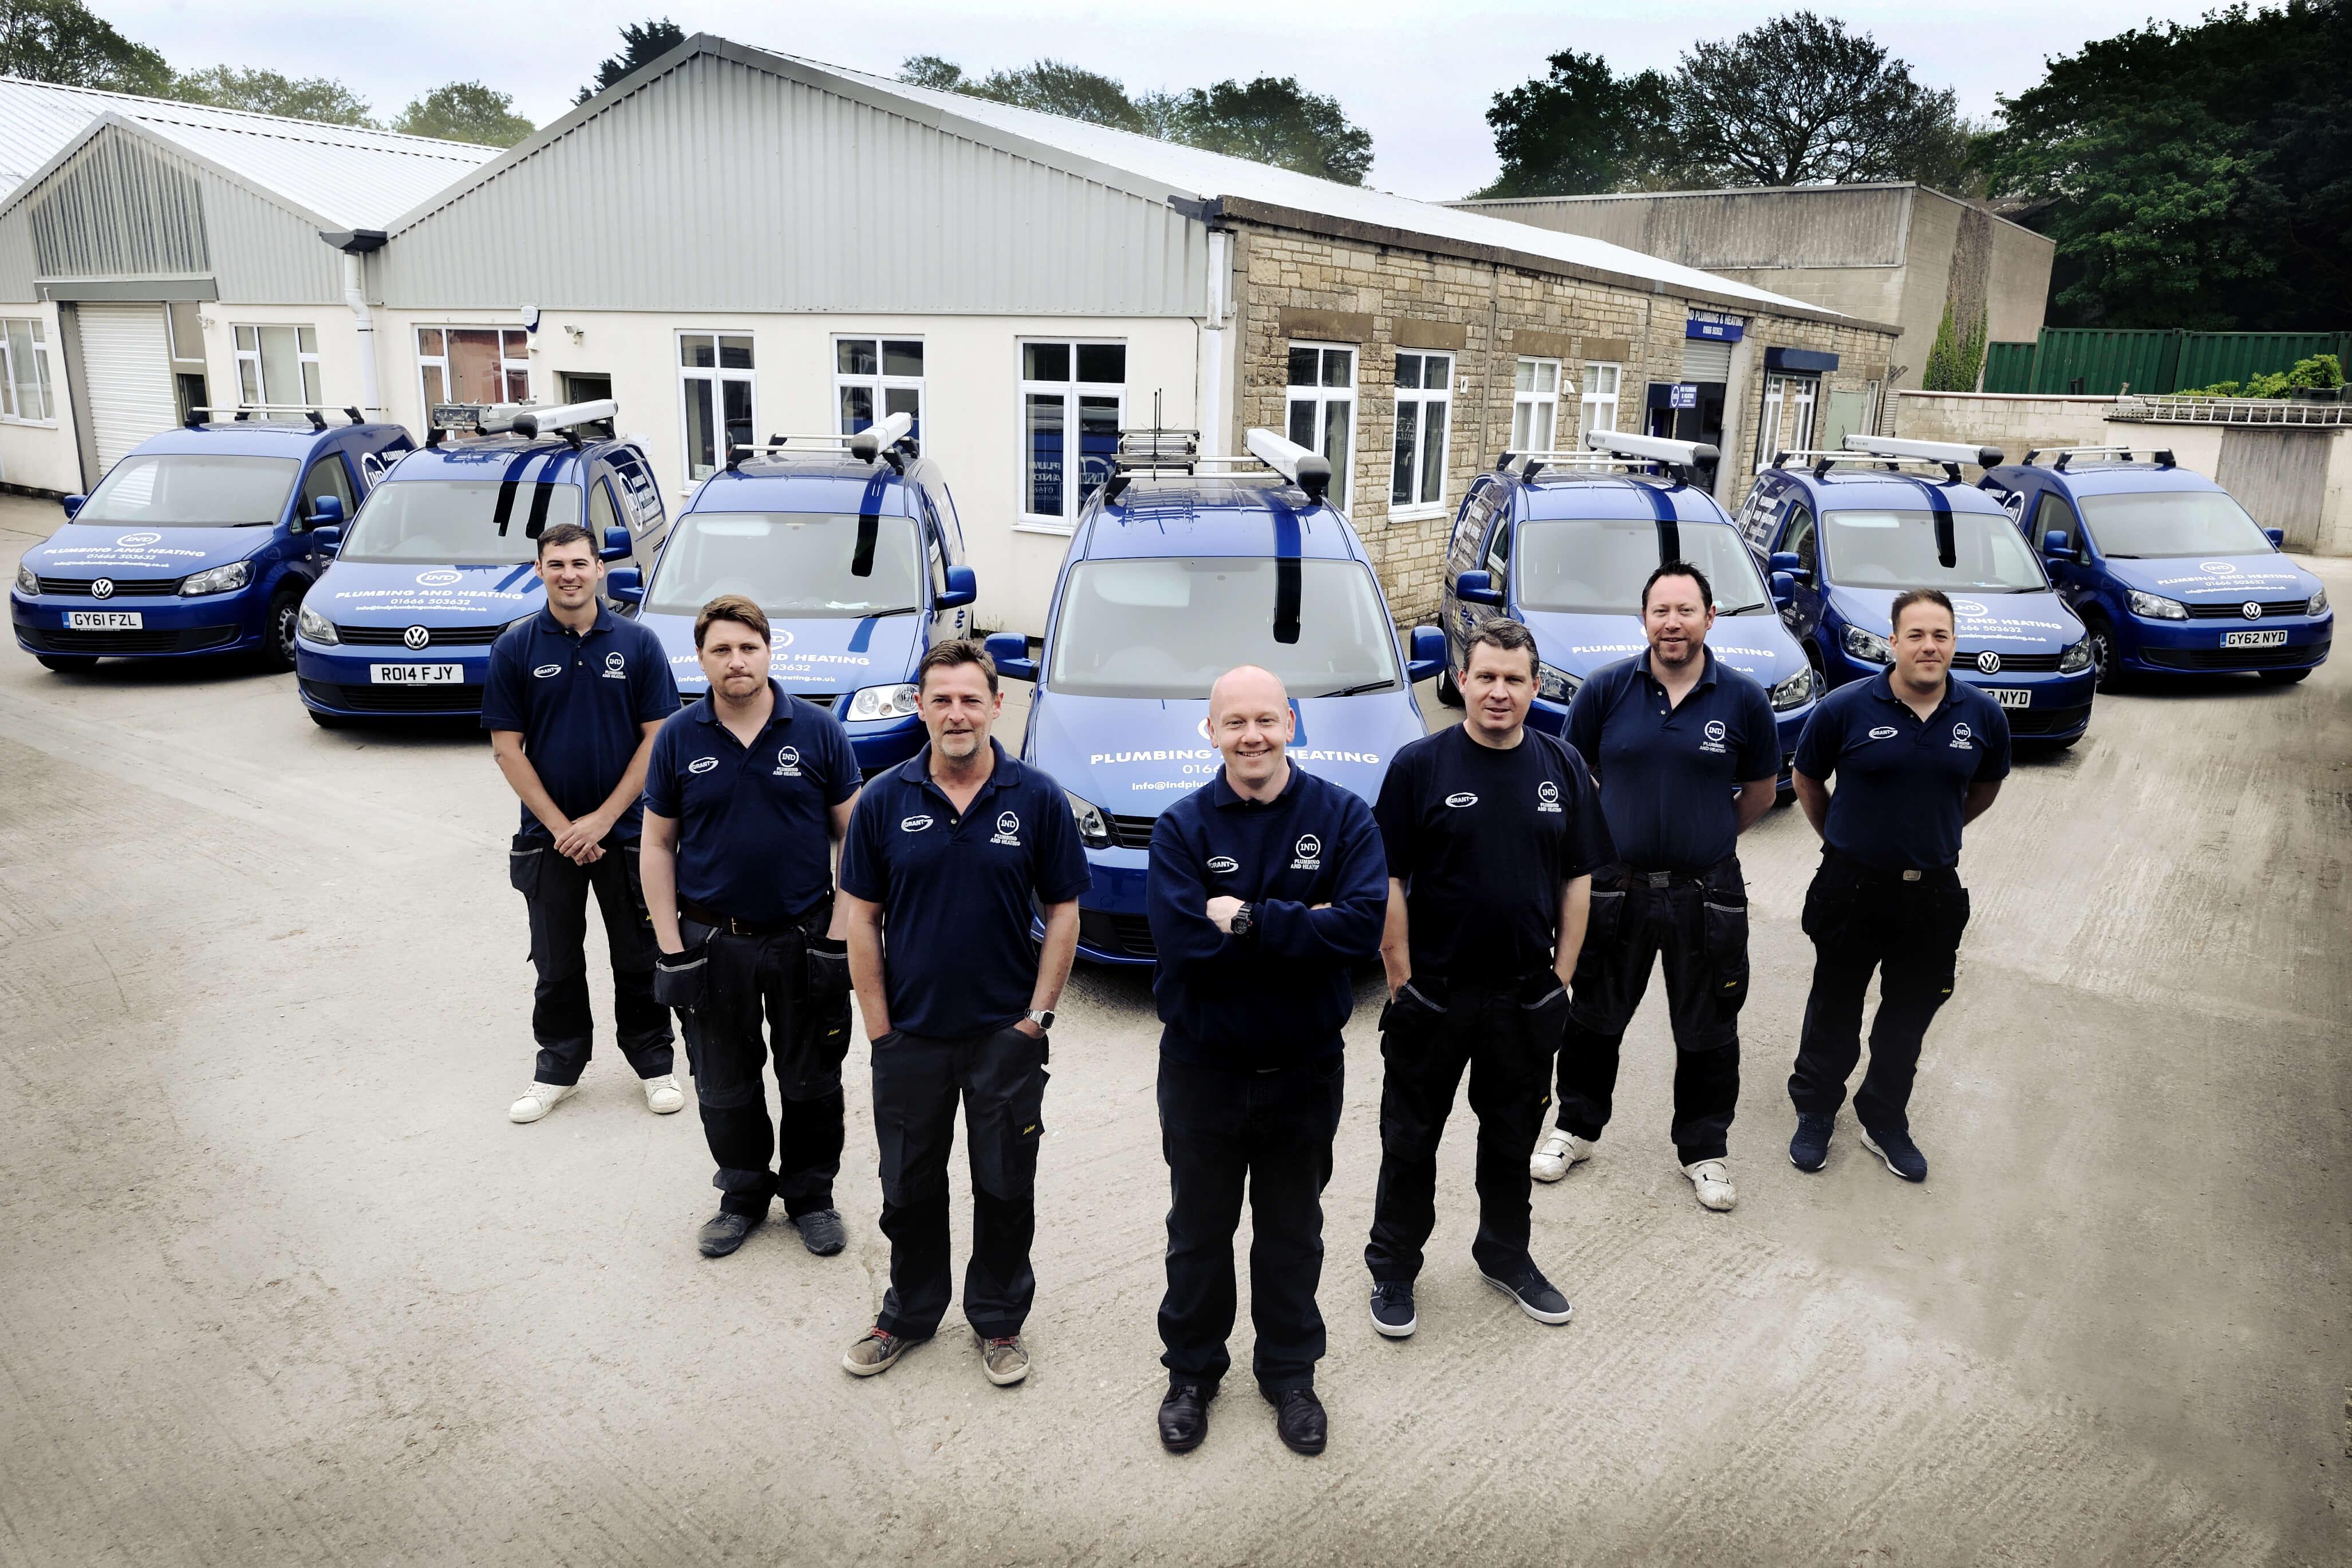 IND plumbing & heating Tetbury Best Plumbers in the county